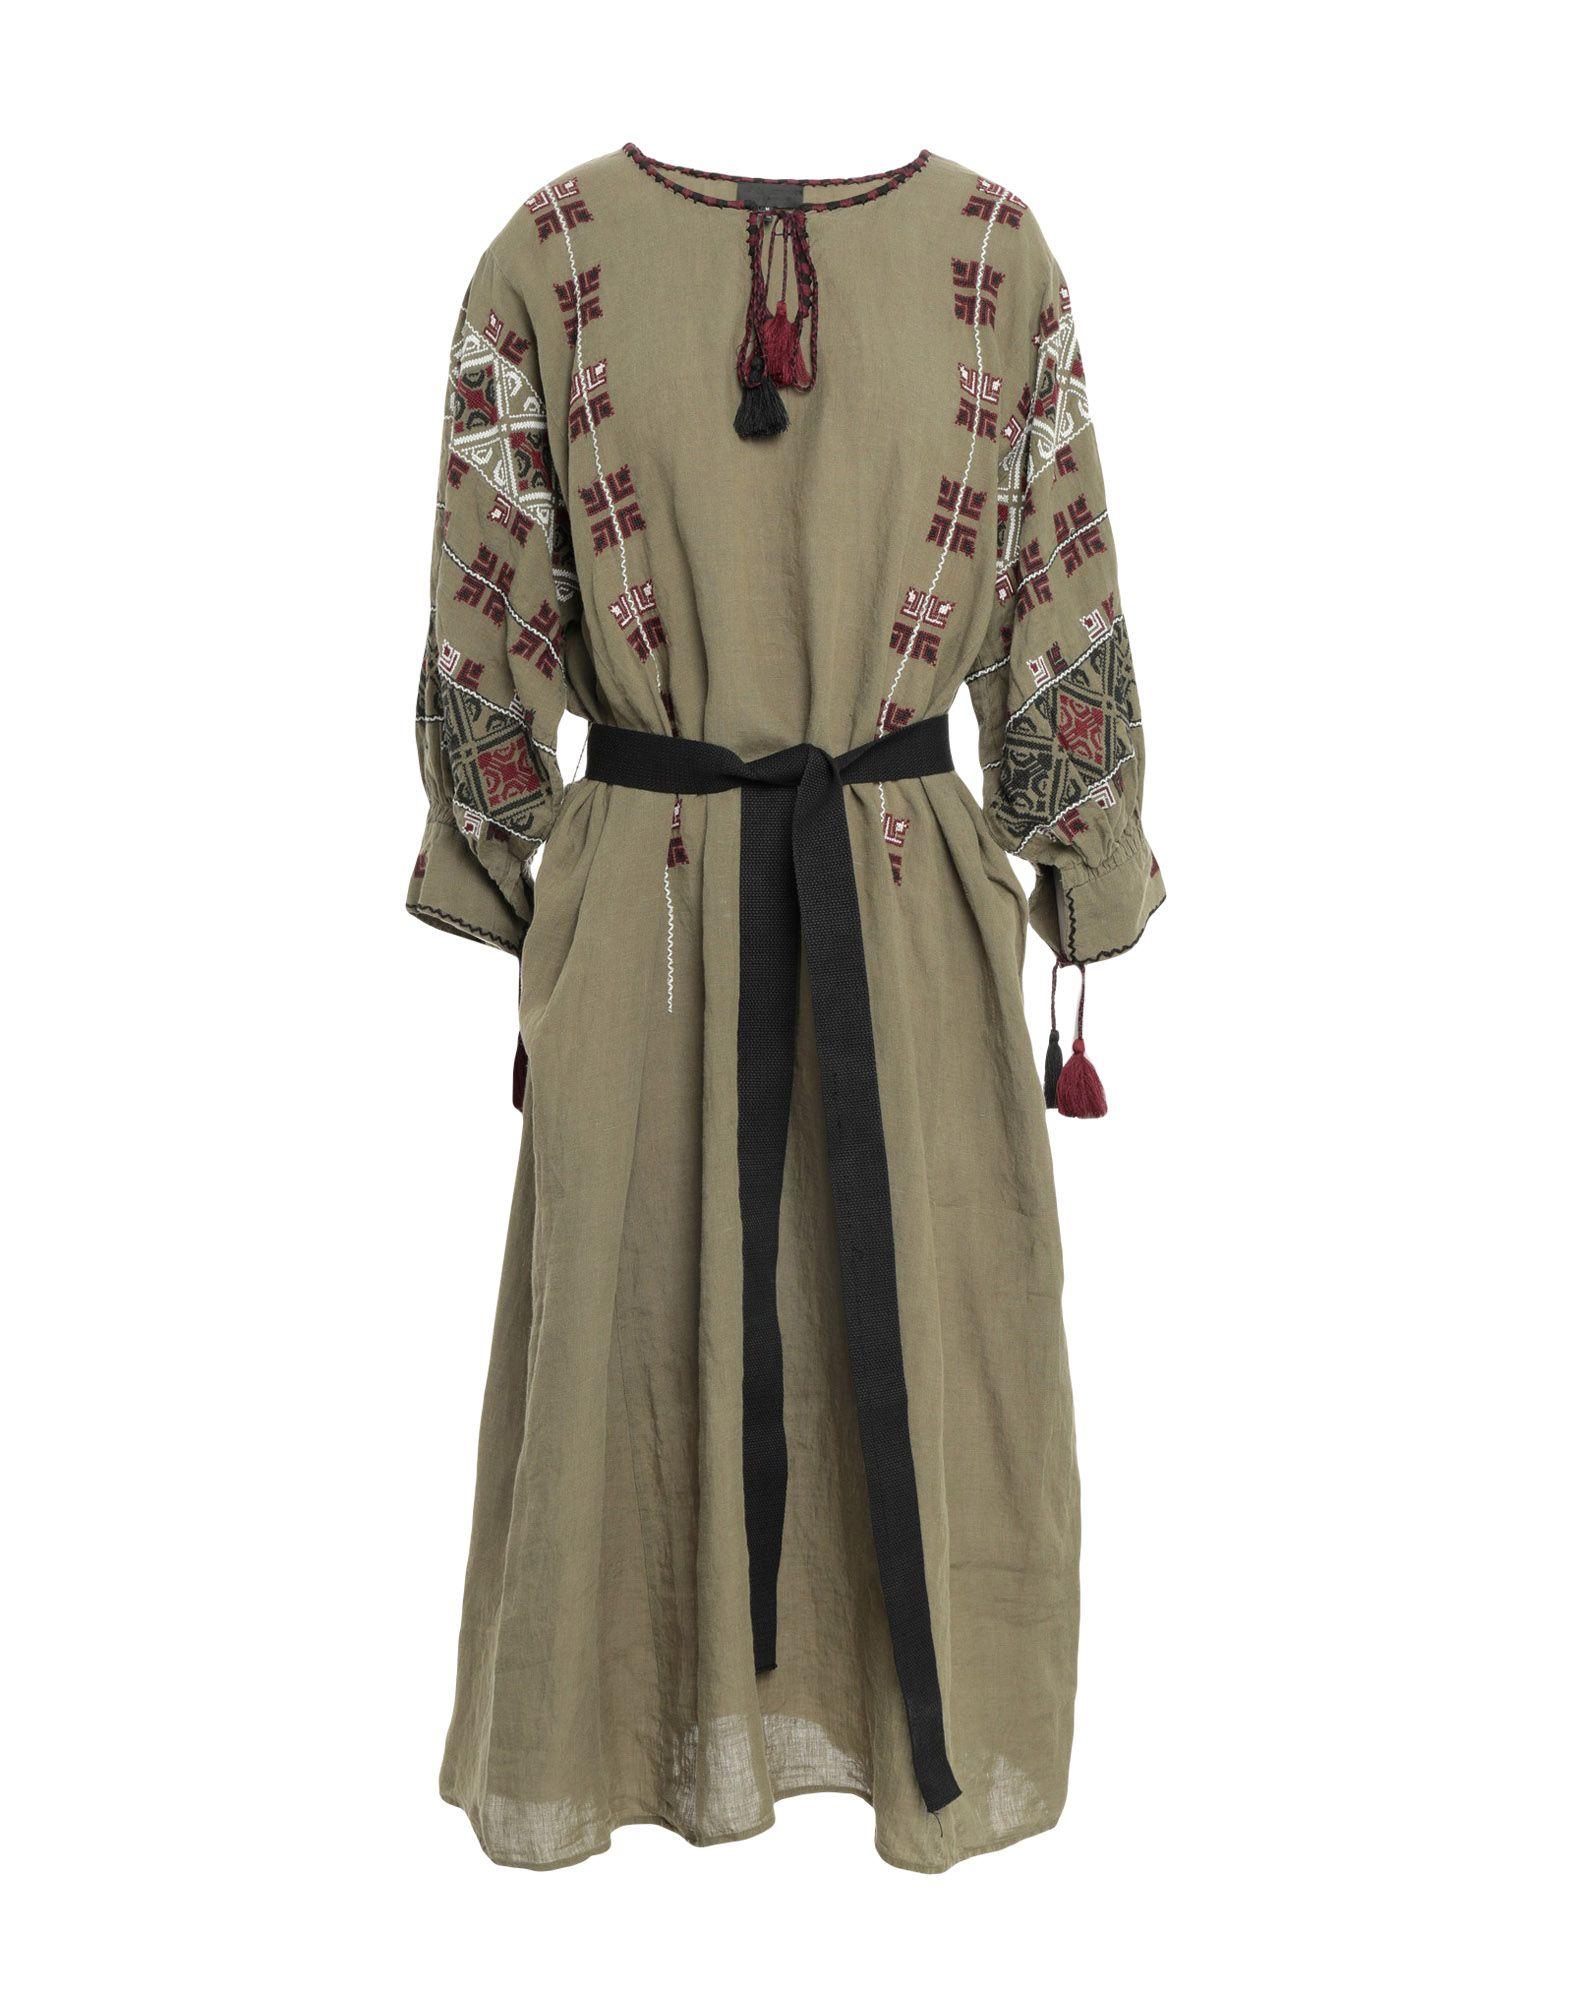 63fe3bb65f25 Buy nili lotan dresses for women - Best women's nili lotan dresses shop -  Cools.com